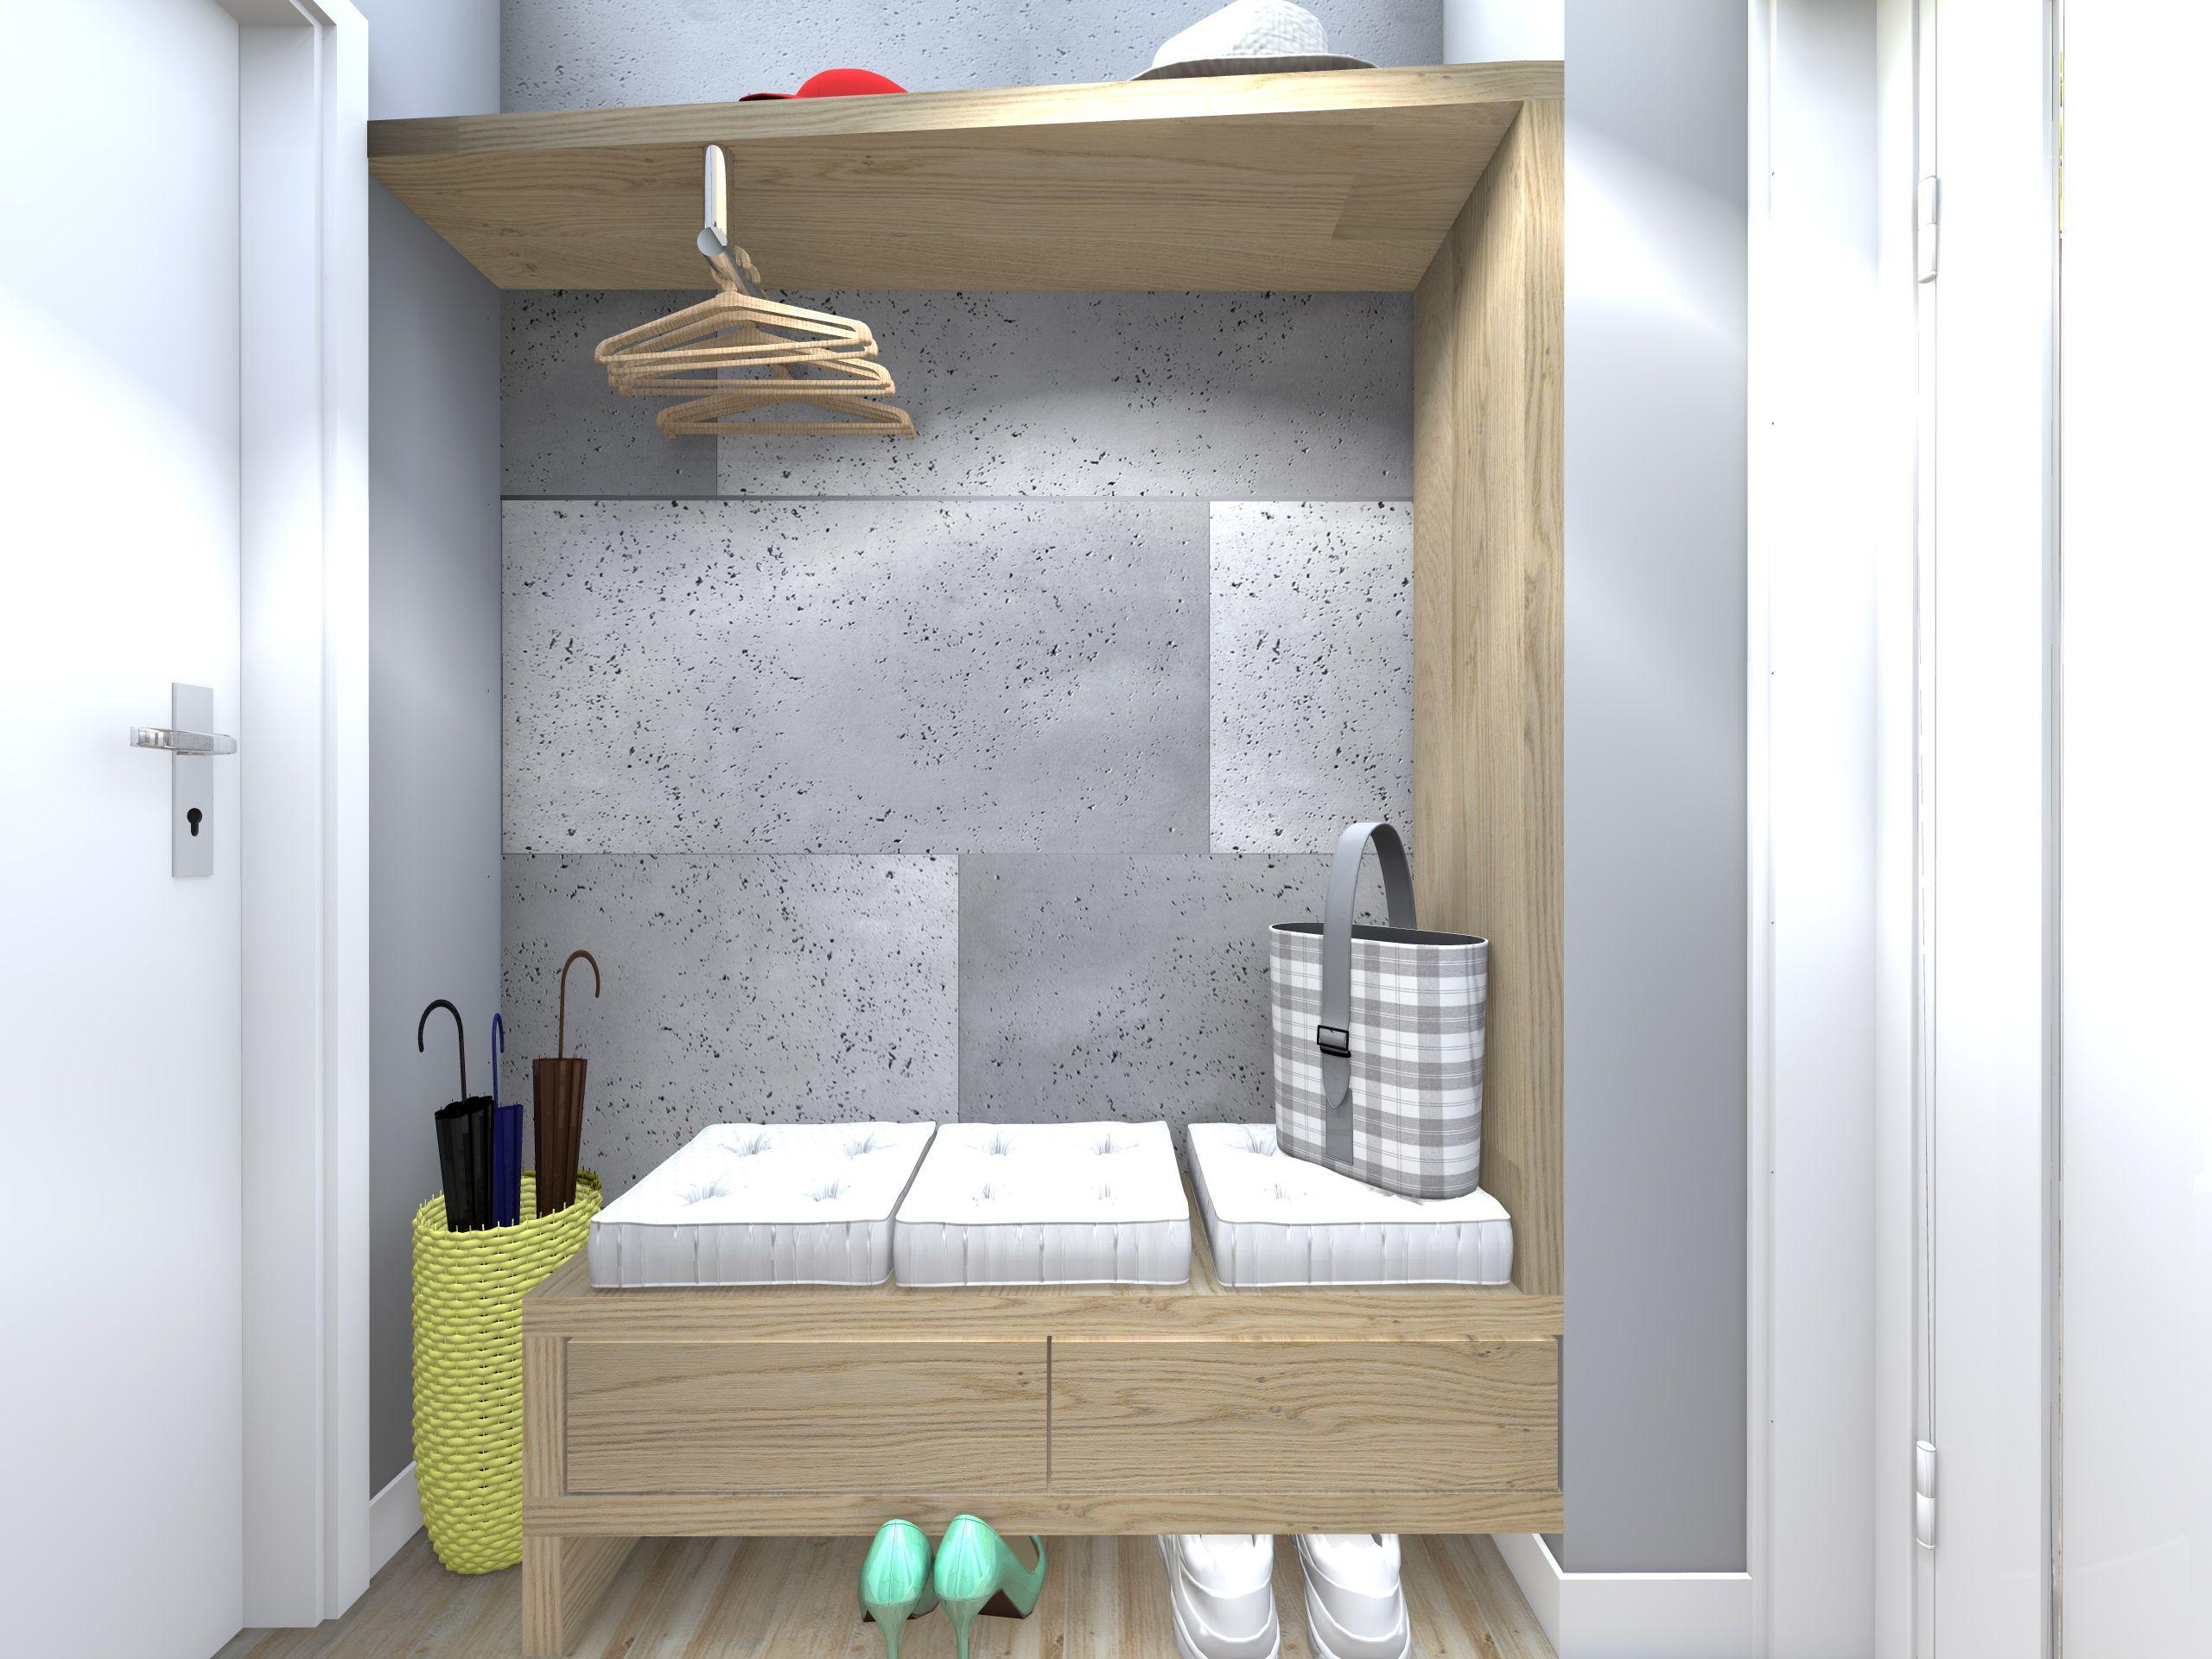 Projekt I Aranżacja Małego Przedpokoju W Mieszkaniu W Bloku